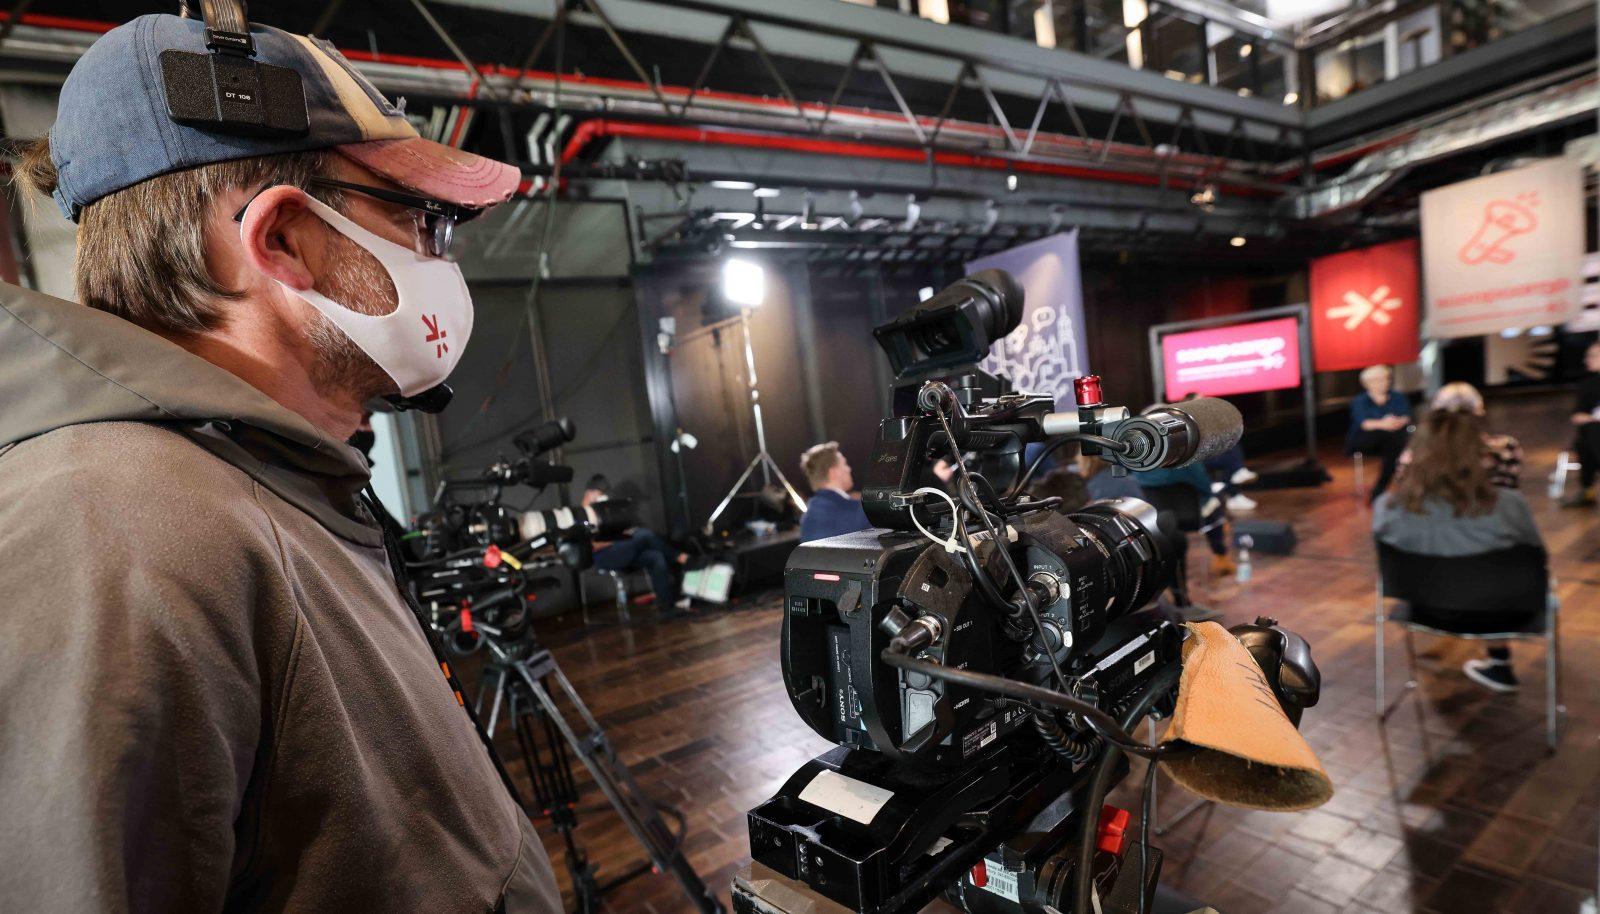 Wie schon die Keynotes wurden auch die Panels via Livestream digital ausgestrahlt.